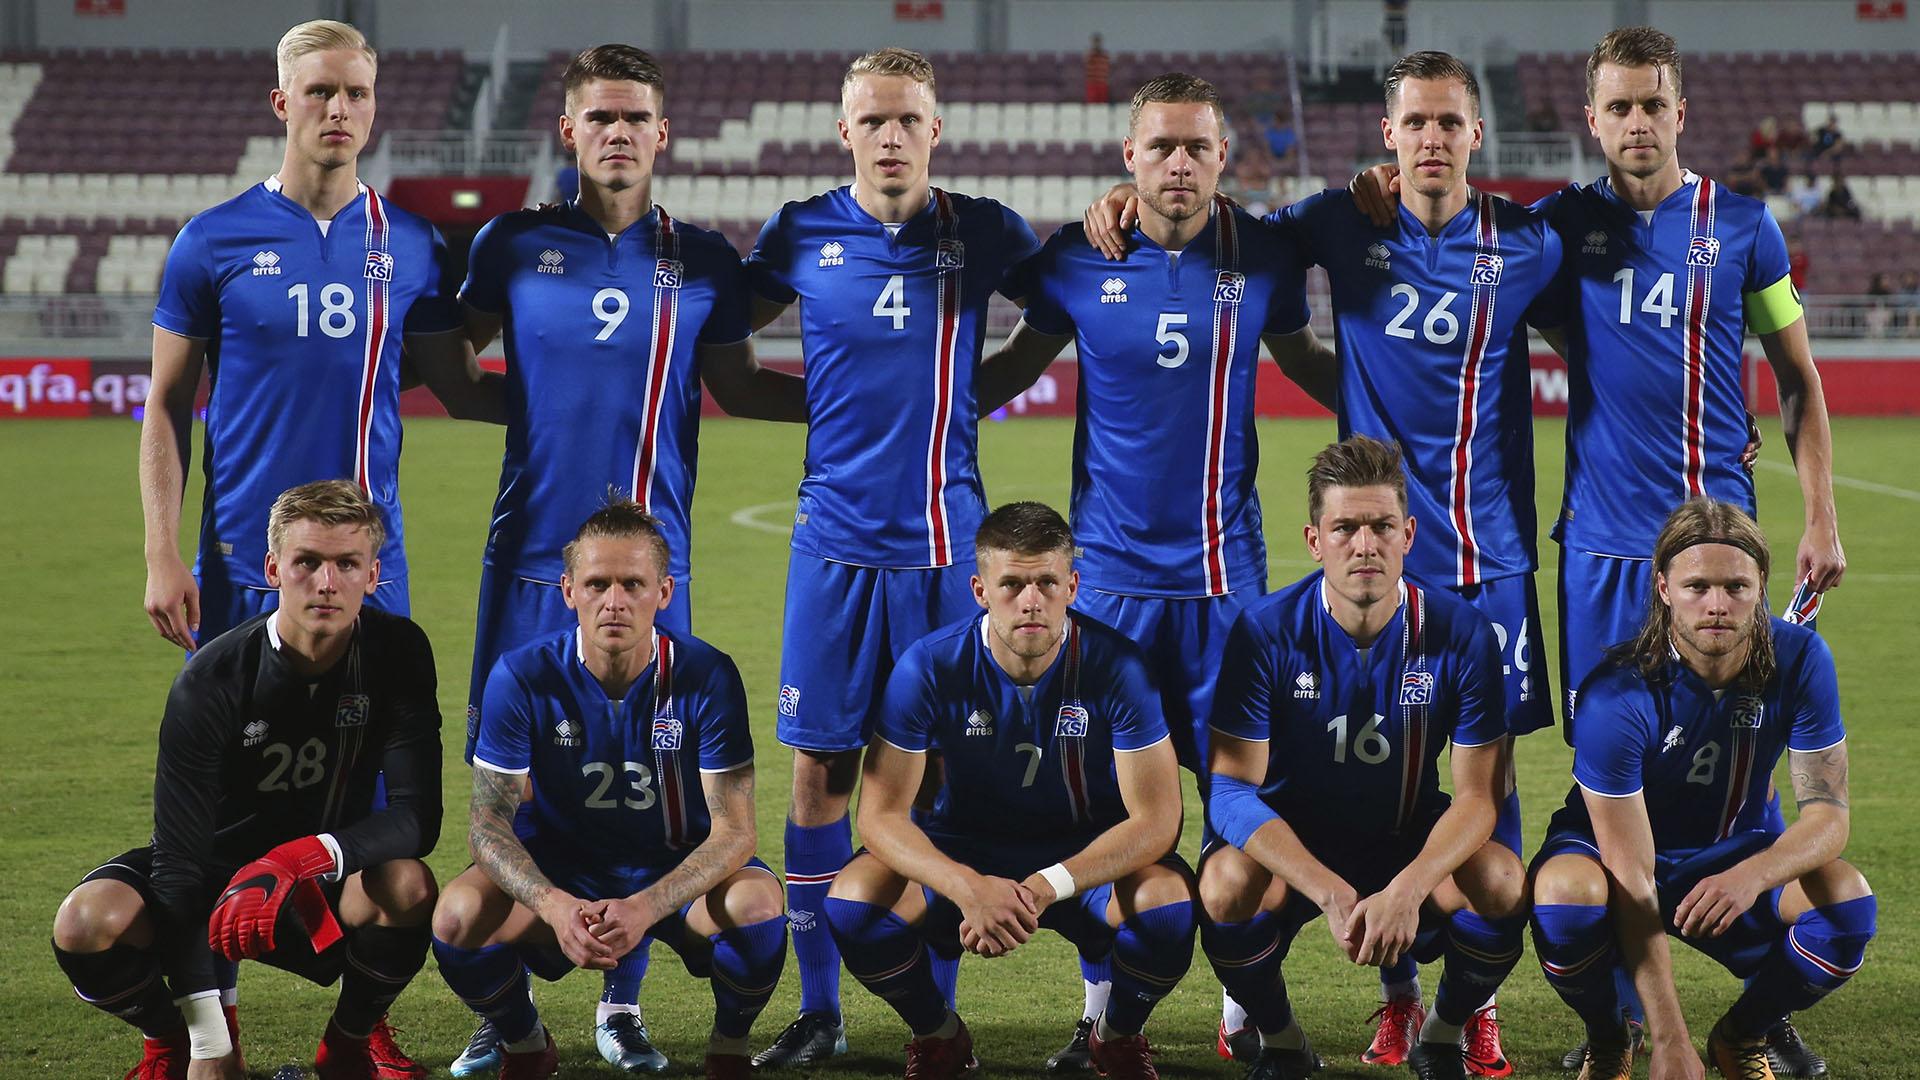 Con un promedio de edad de 28 años, el valor de Islandia es de 73 millones de dólares